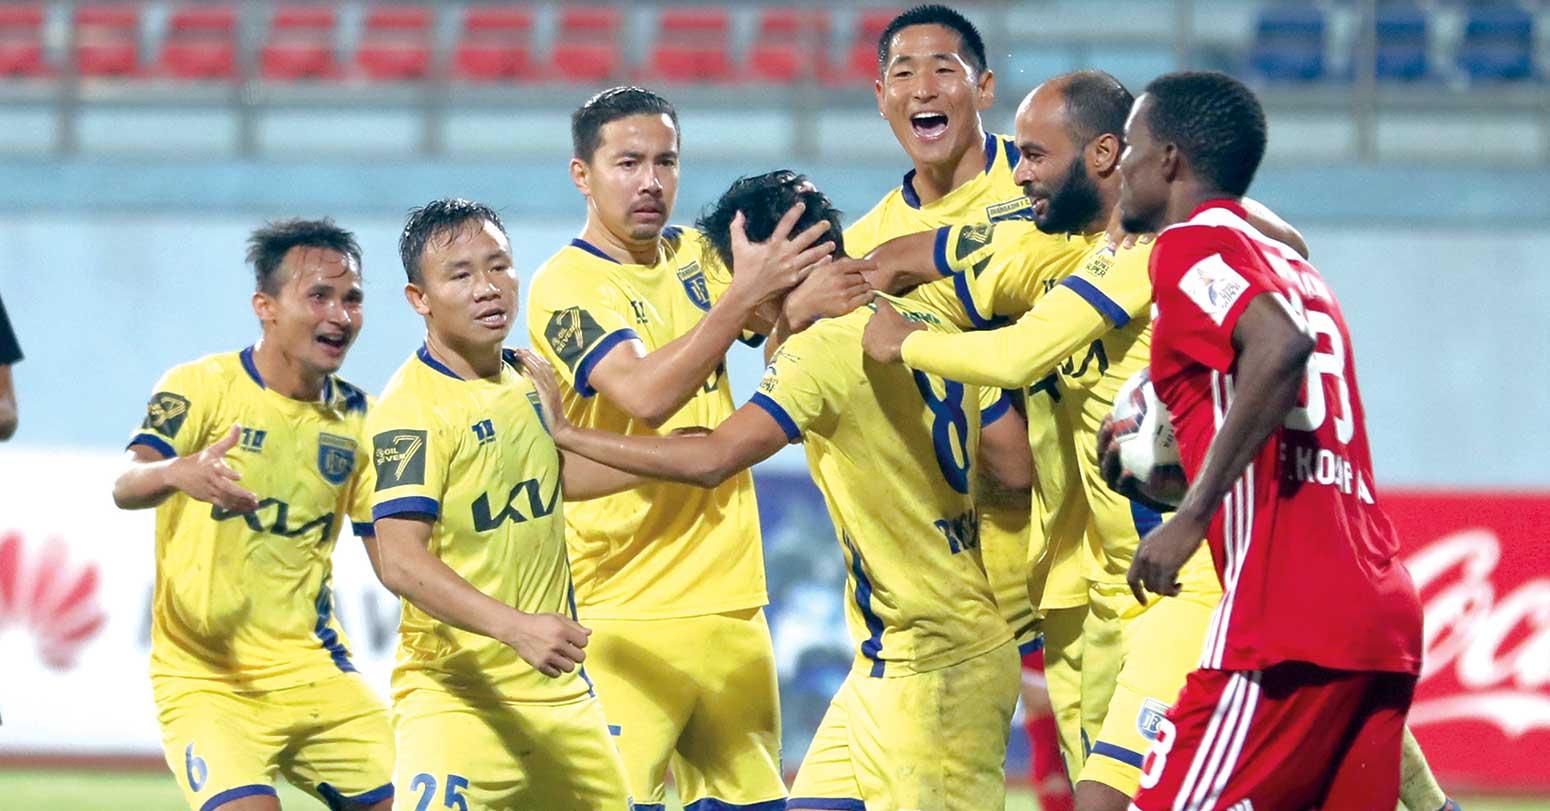 काठमाडौं रेजर्सलाई २–१ गोलले पराजित गर्दै धनगढी एनएसएलको उपाधिनजिक